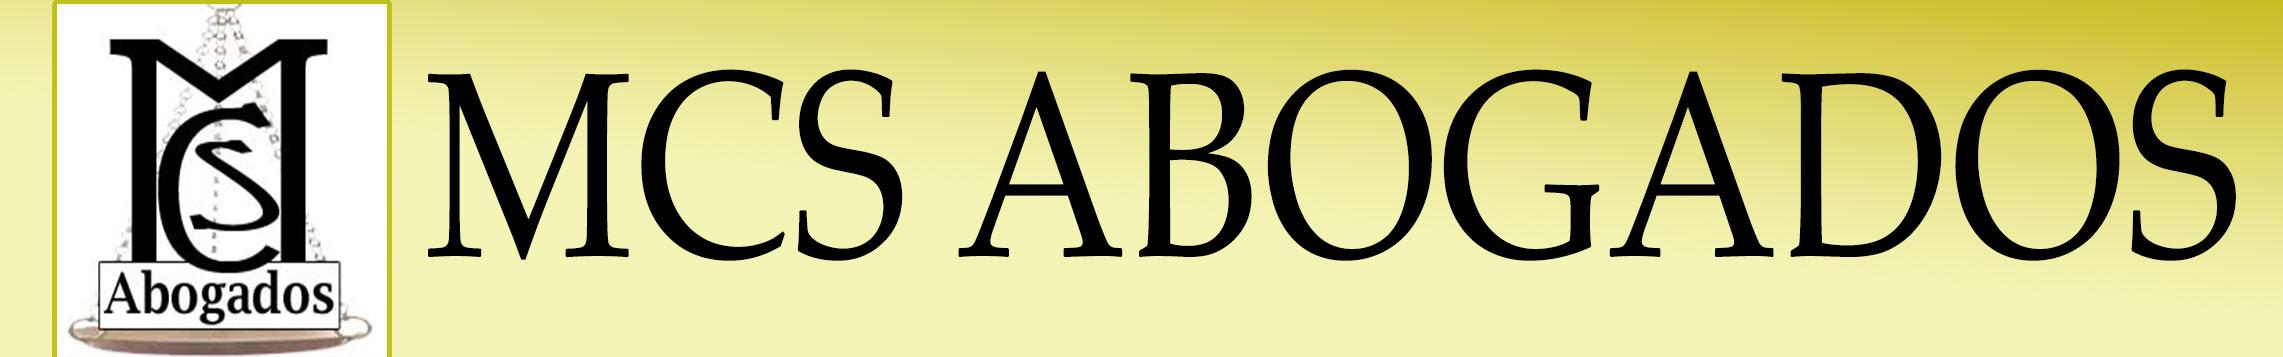 Abogado y Abogados en bilbao – MCS